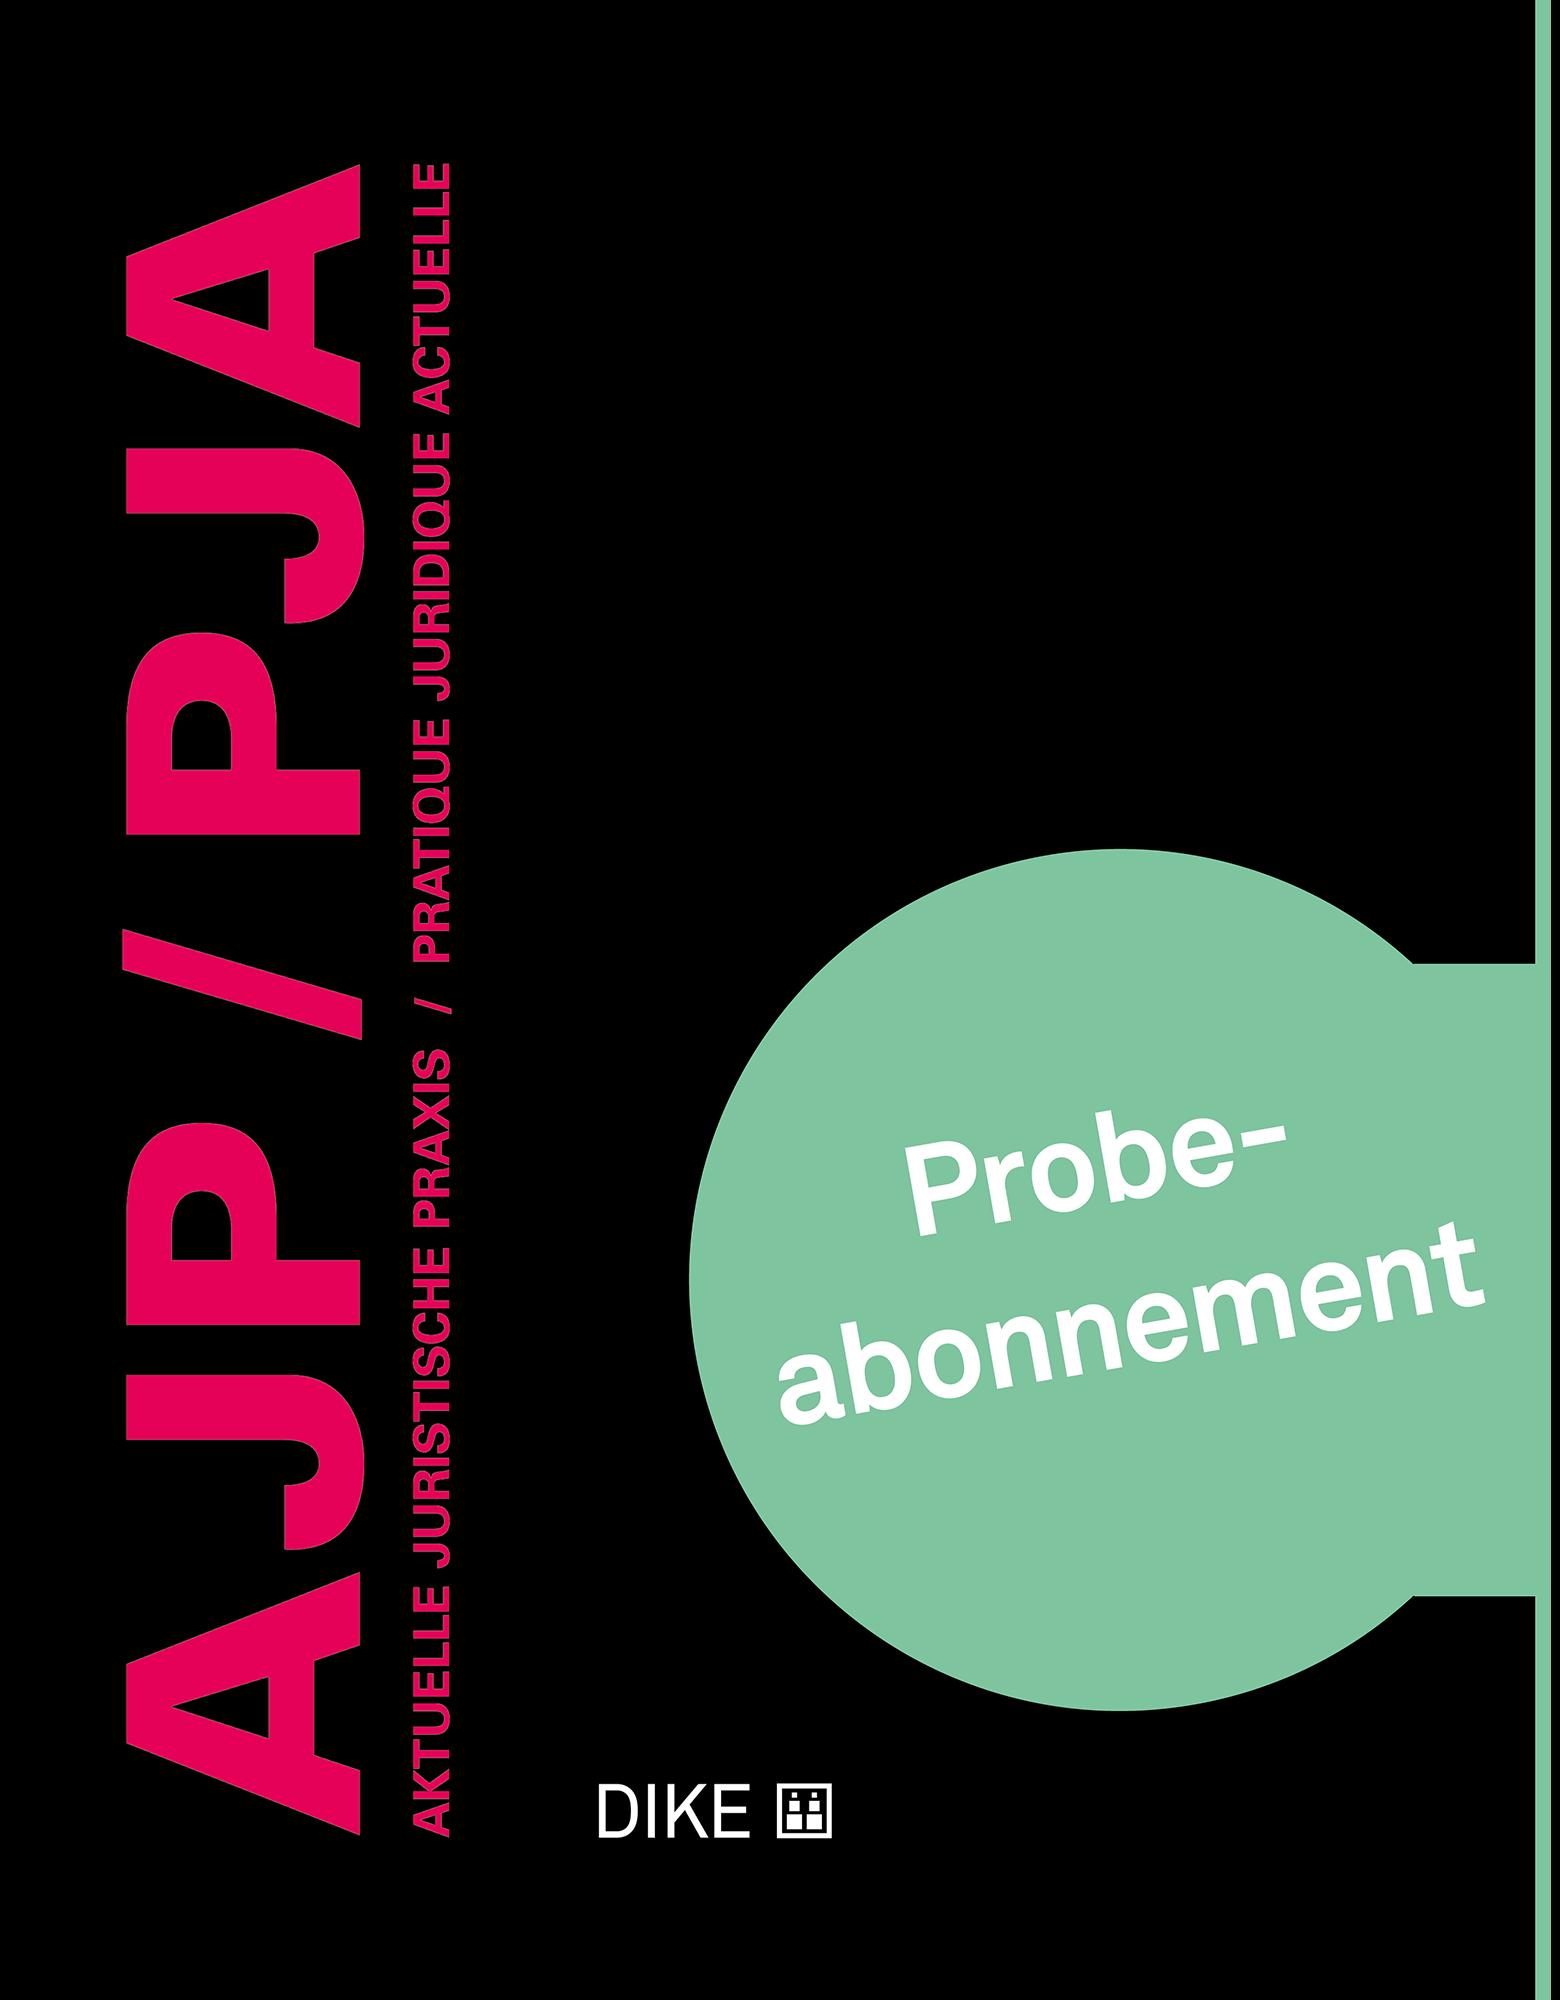 AJP/PJA - Probeabo